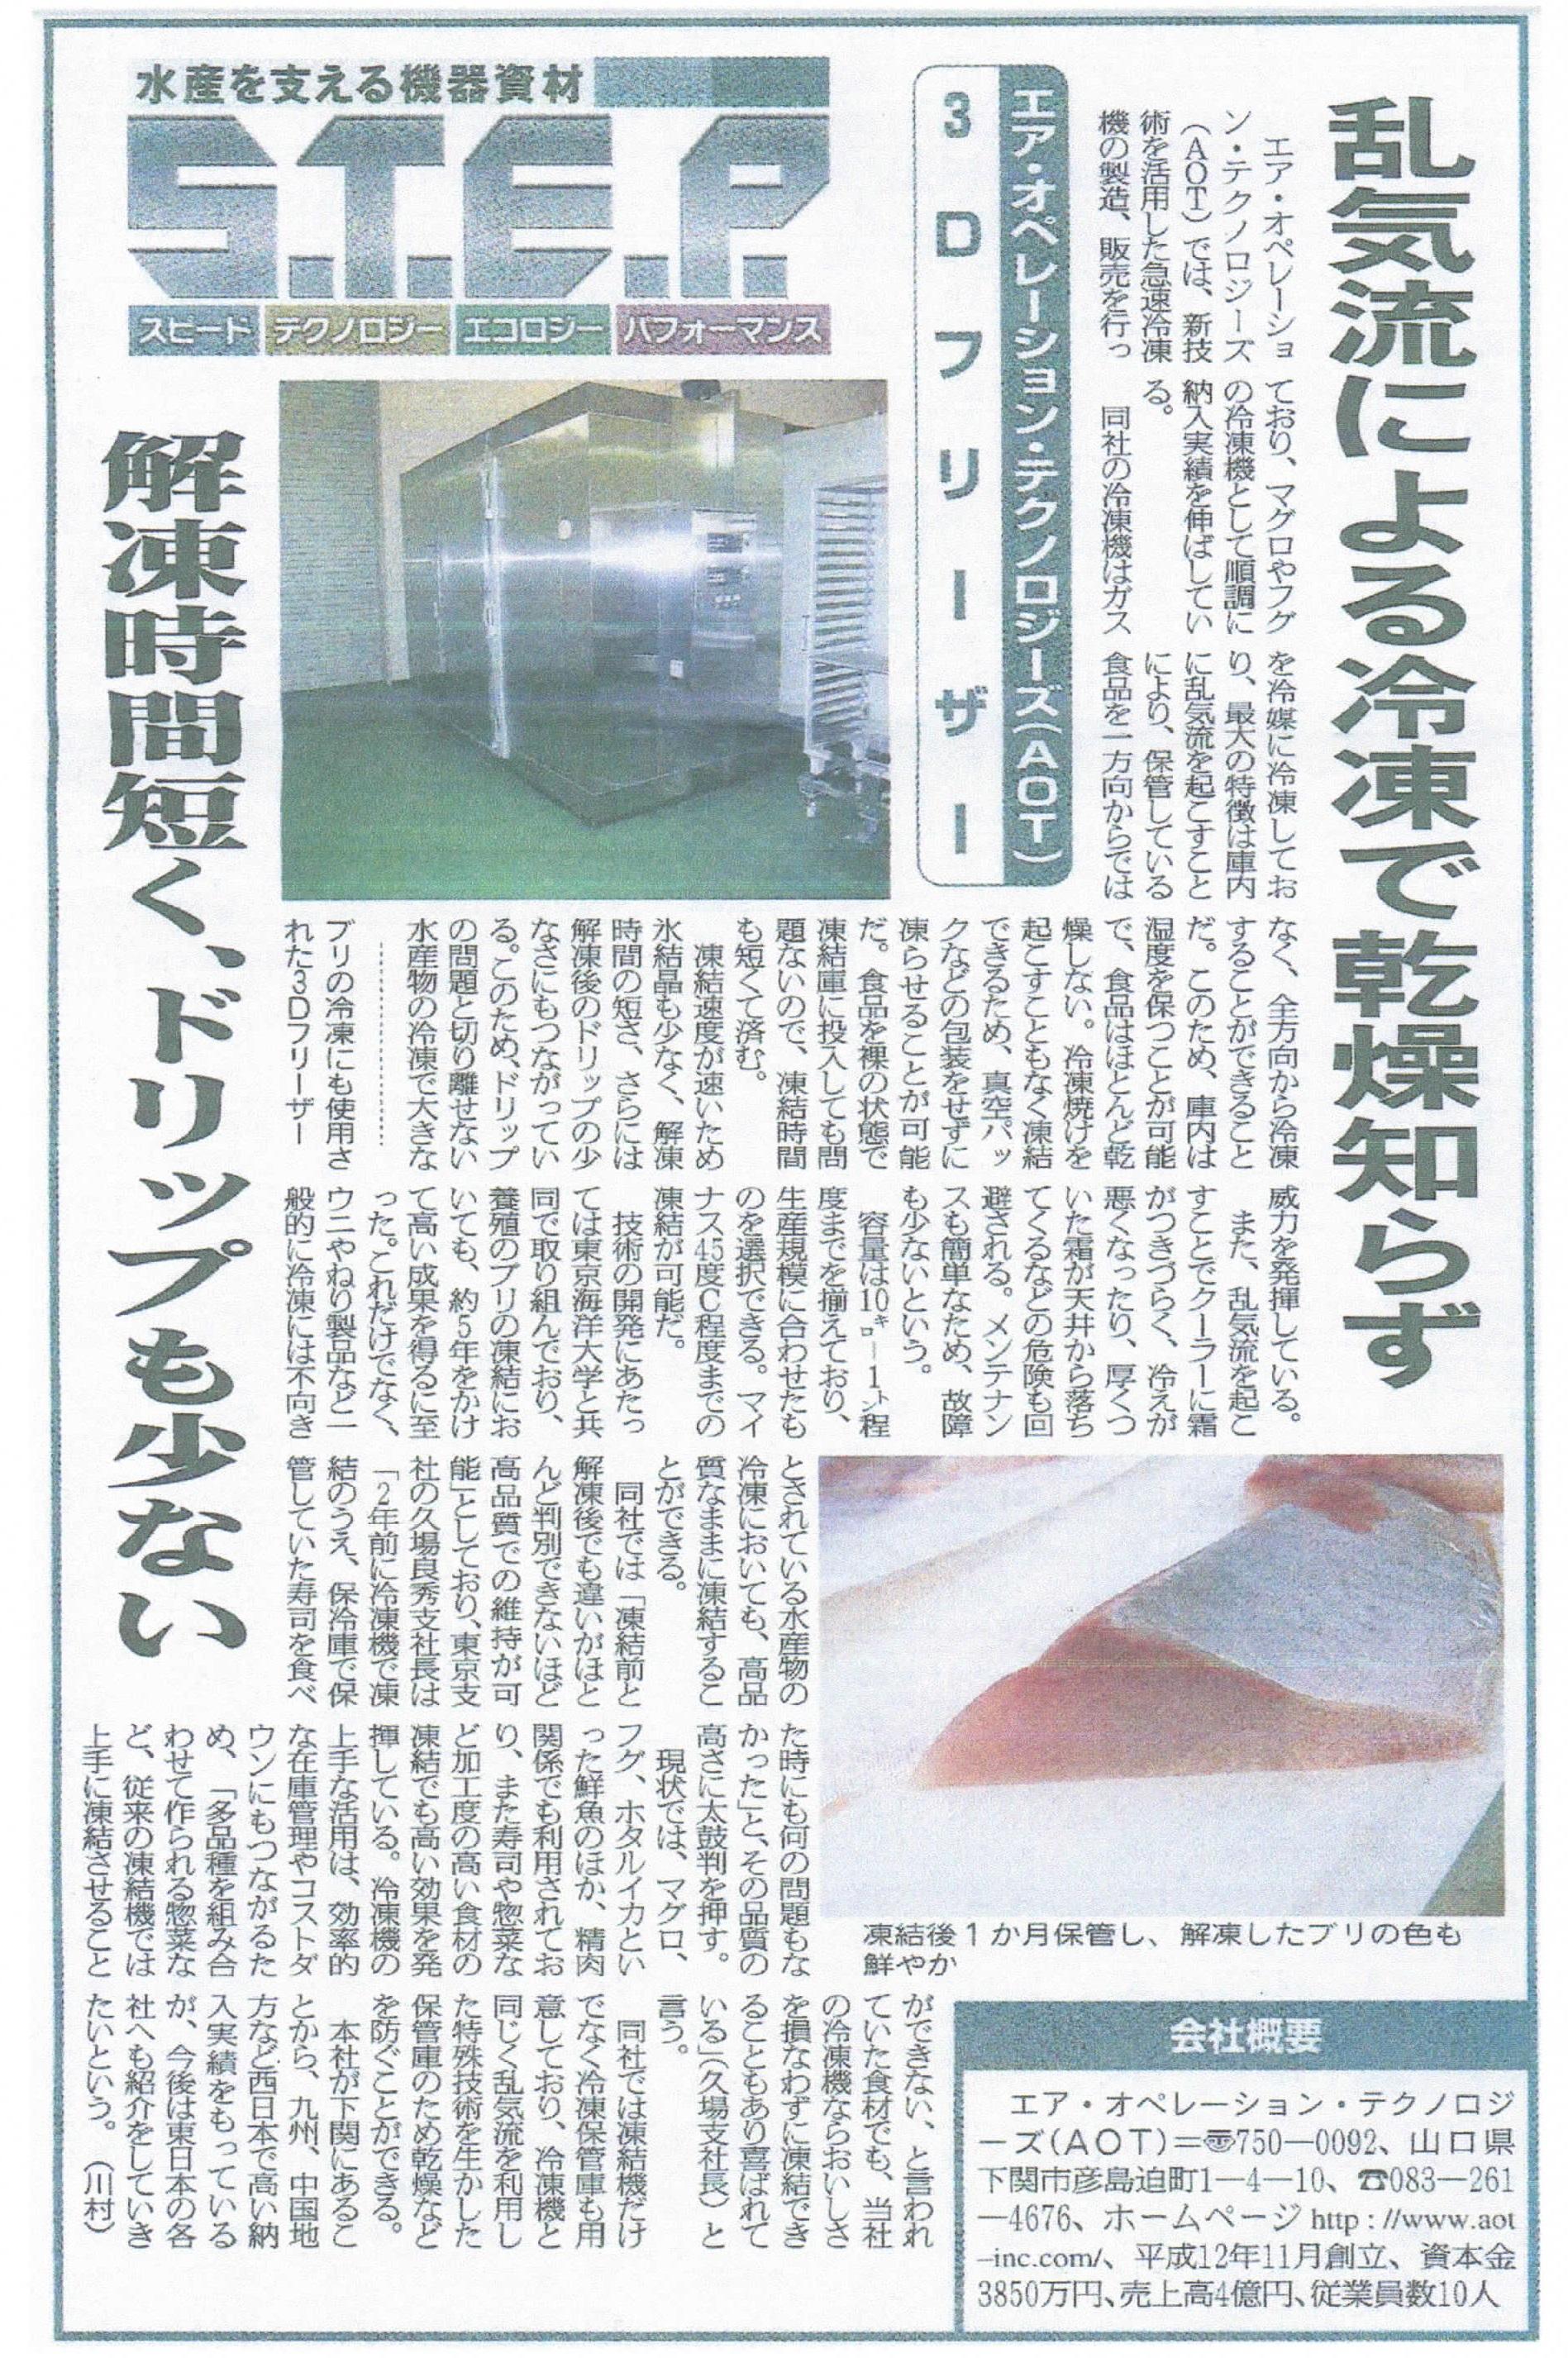 急速冷凍櫃水産経済新聞